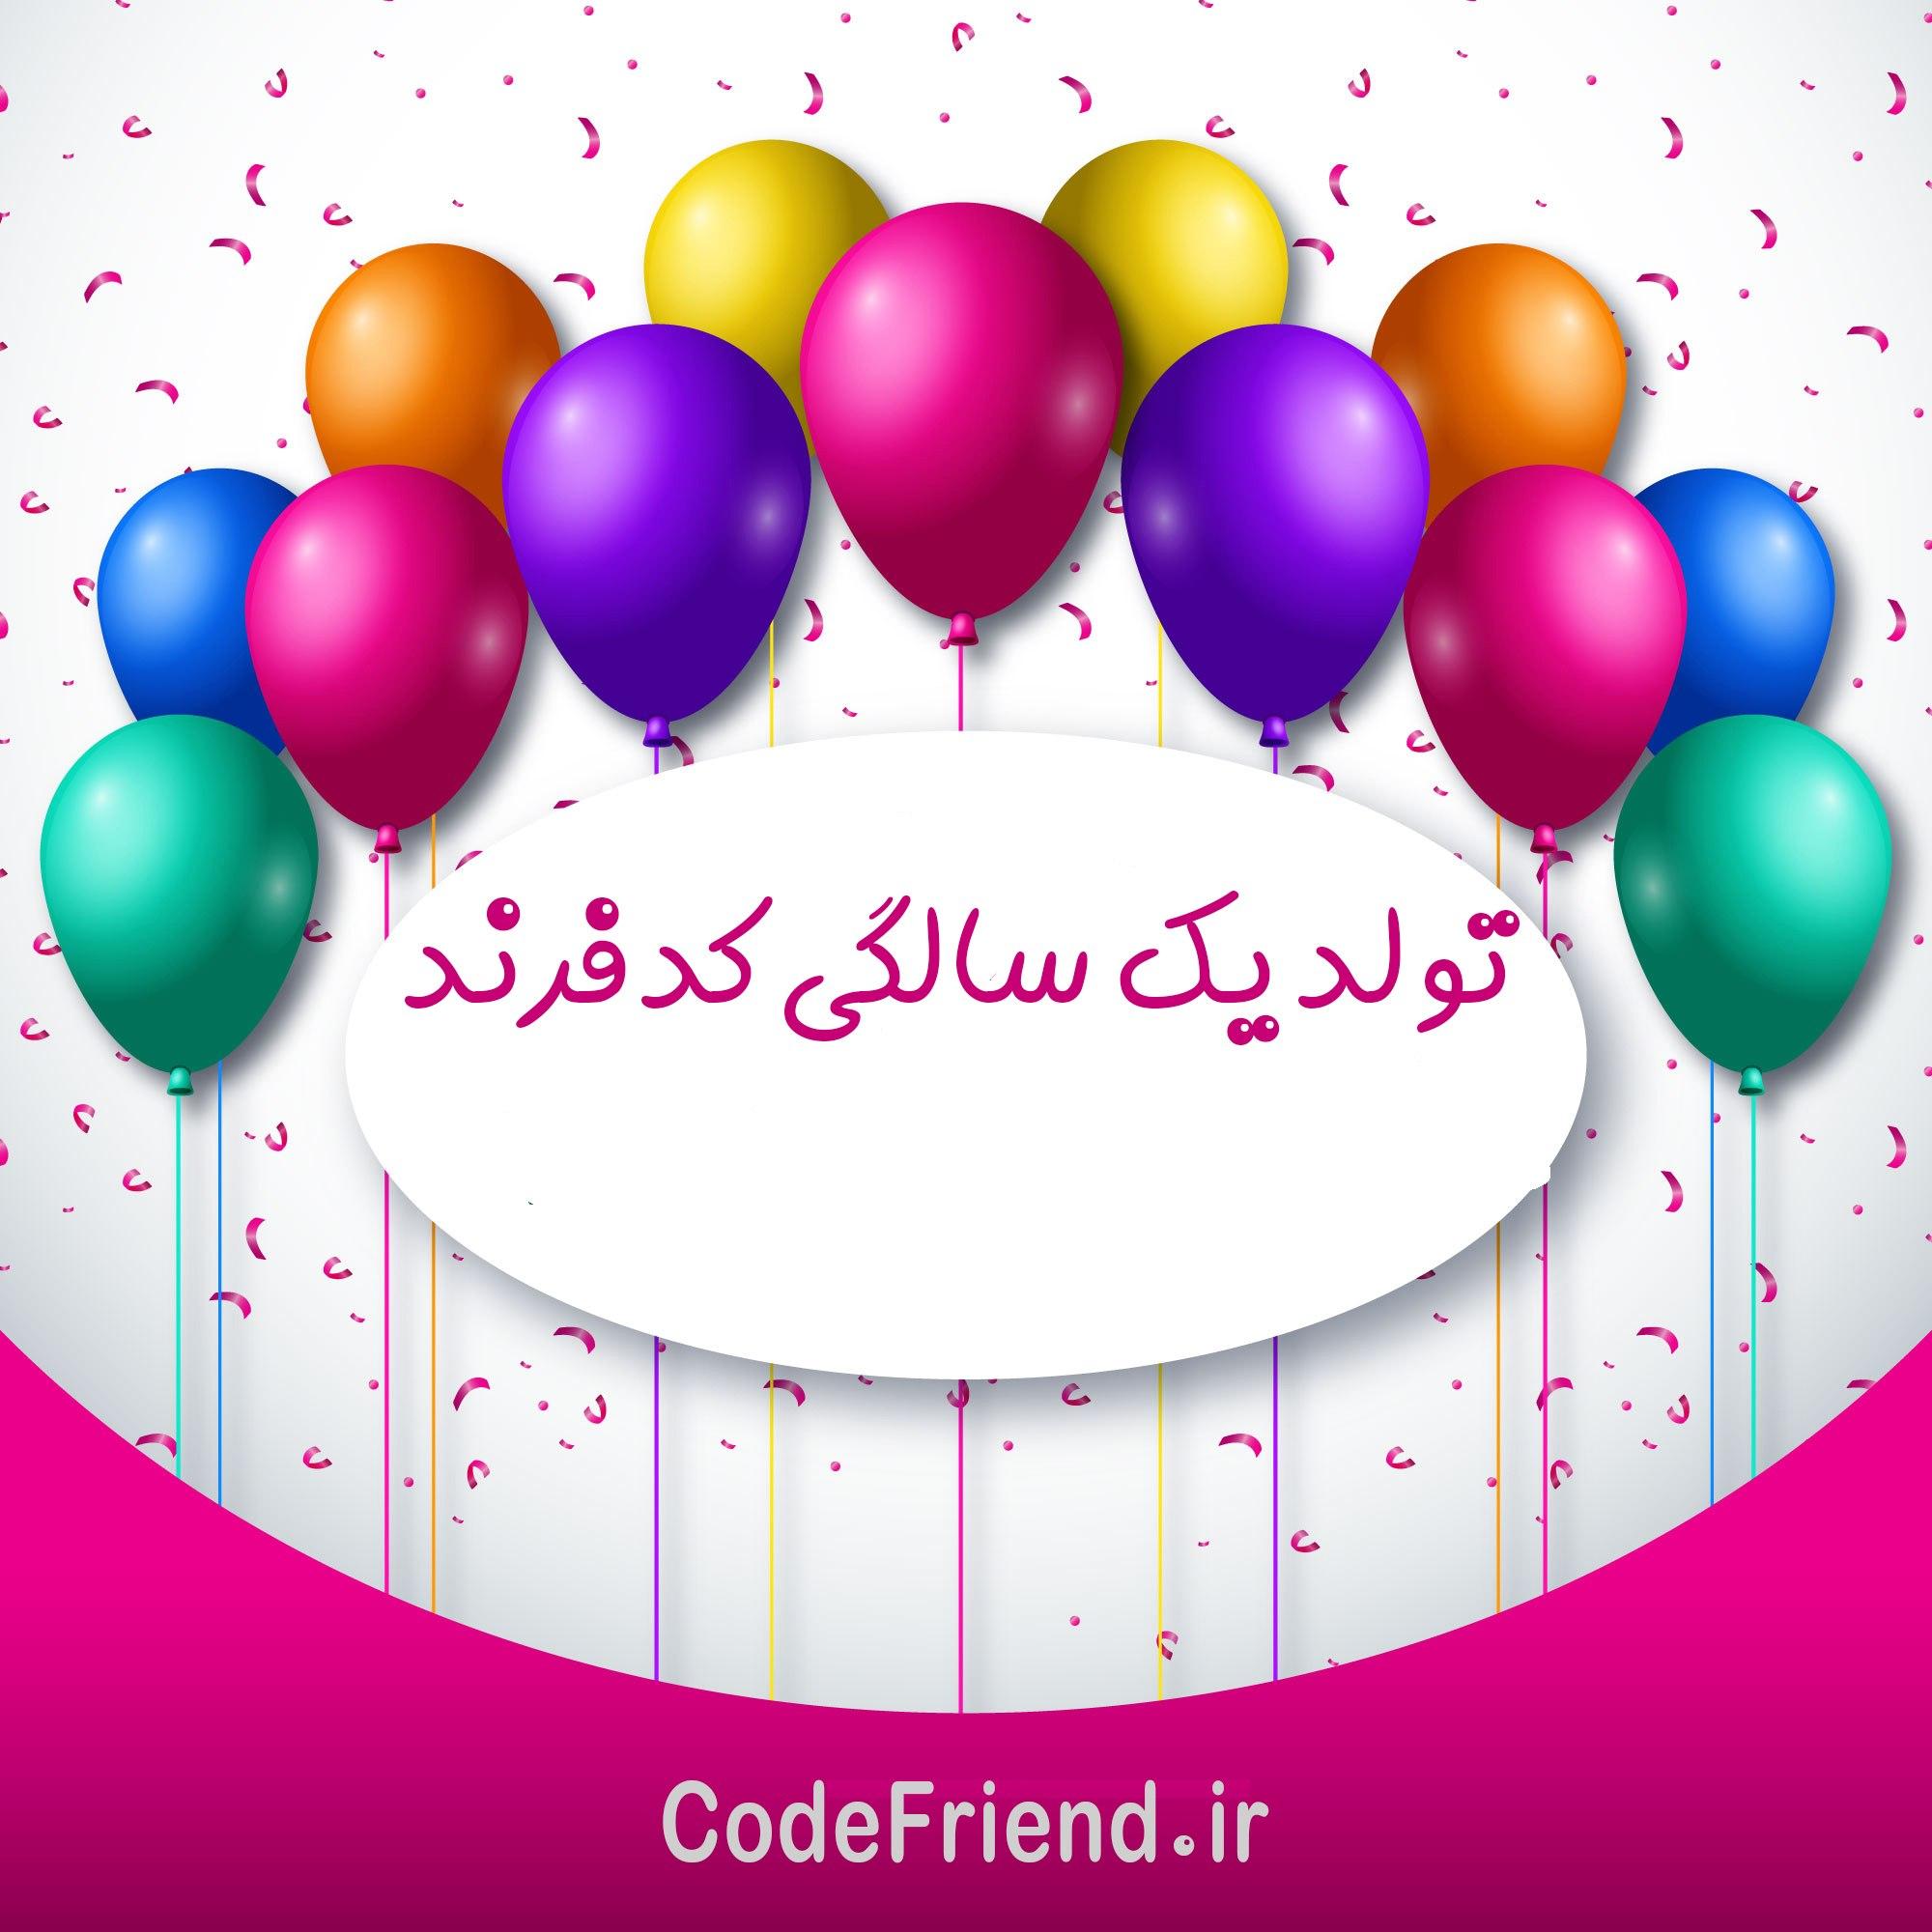 تولد یک سالگی کدفرند مبارک